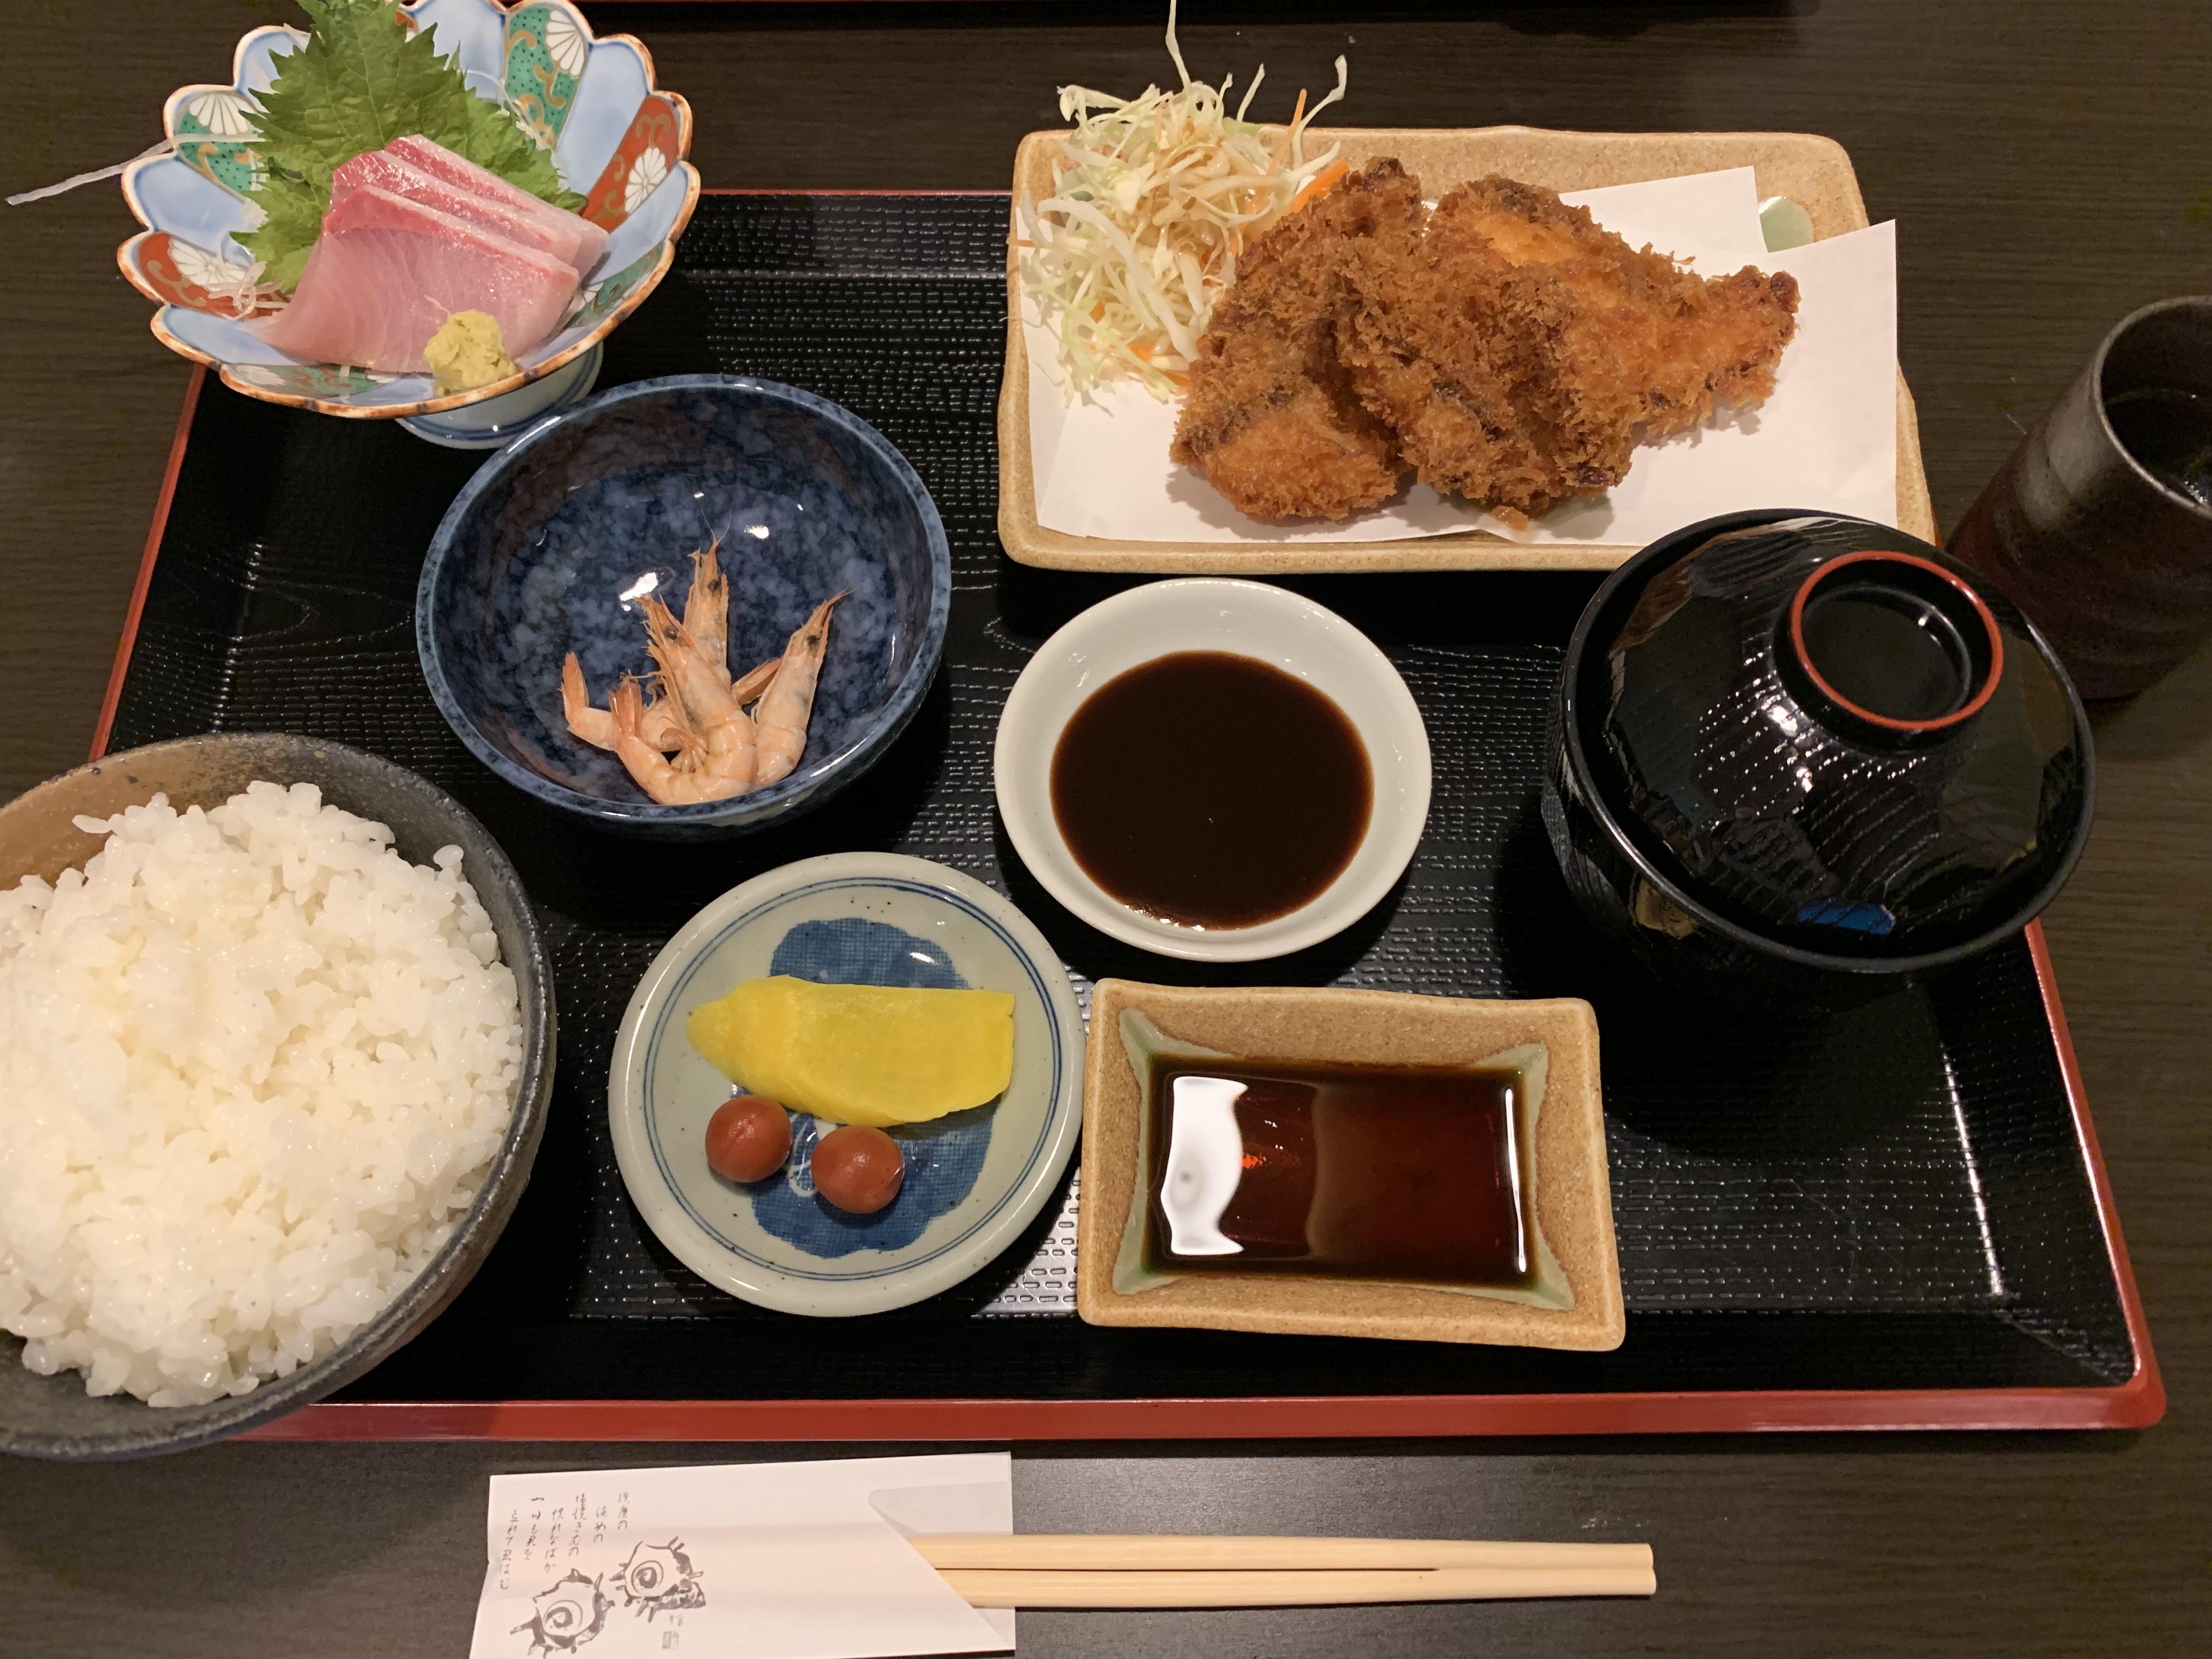 ボリューム満点ランチ!八幡浜で魚料理が美味しい店「海里」で「タイフライ定食」を食べてきたよ!